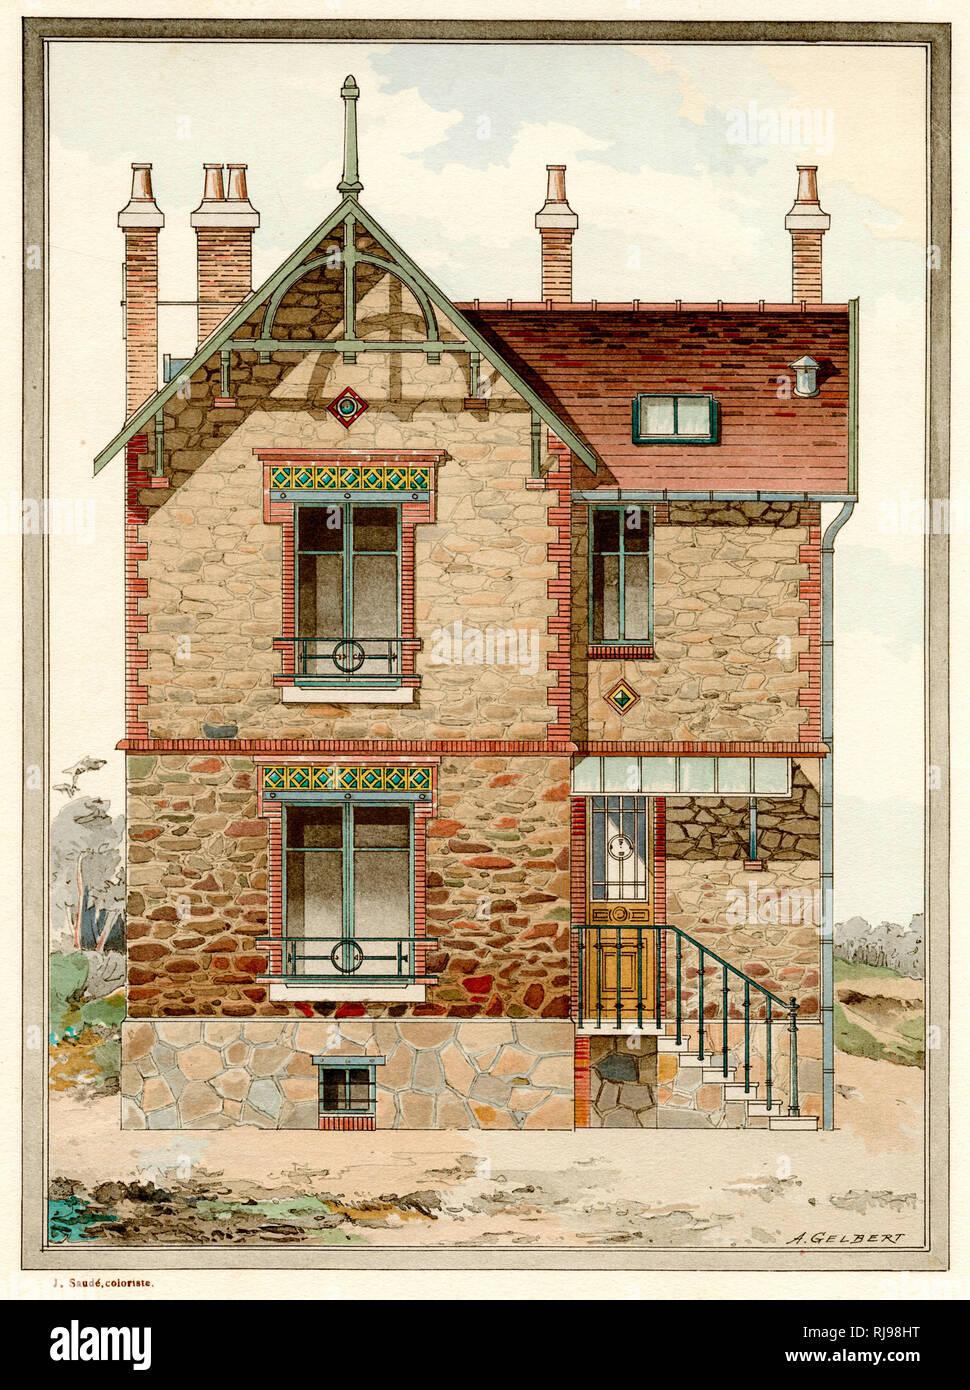 Architecte La Varenne St Hilaire a neat french villa with a few touches of art nouveau (but